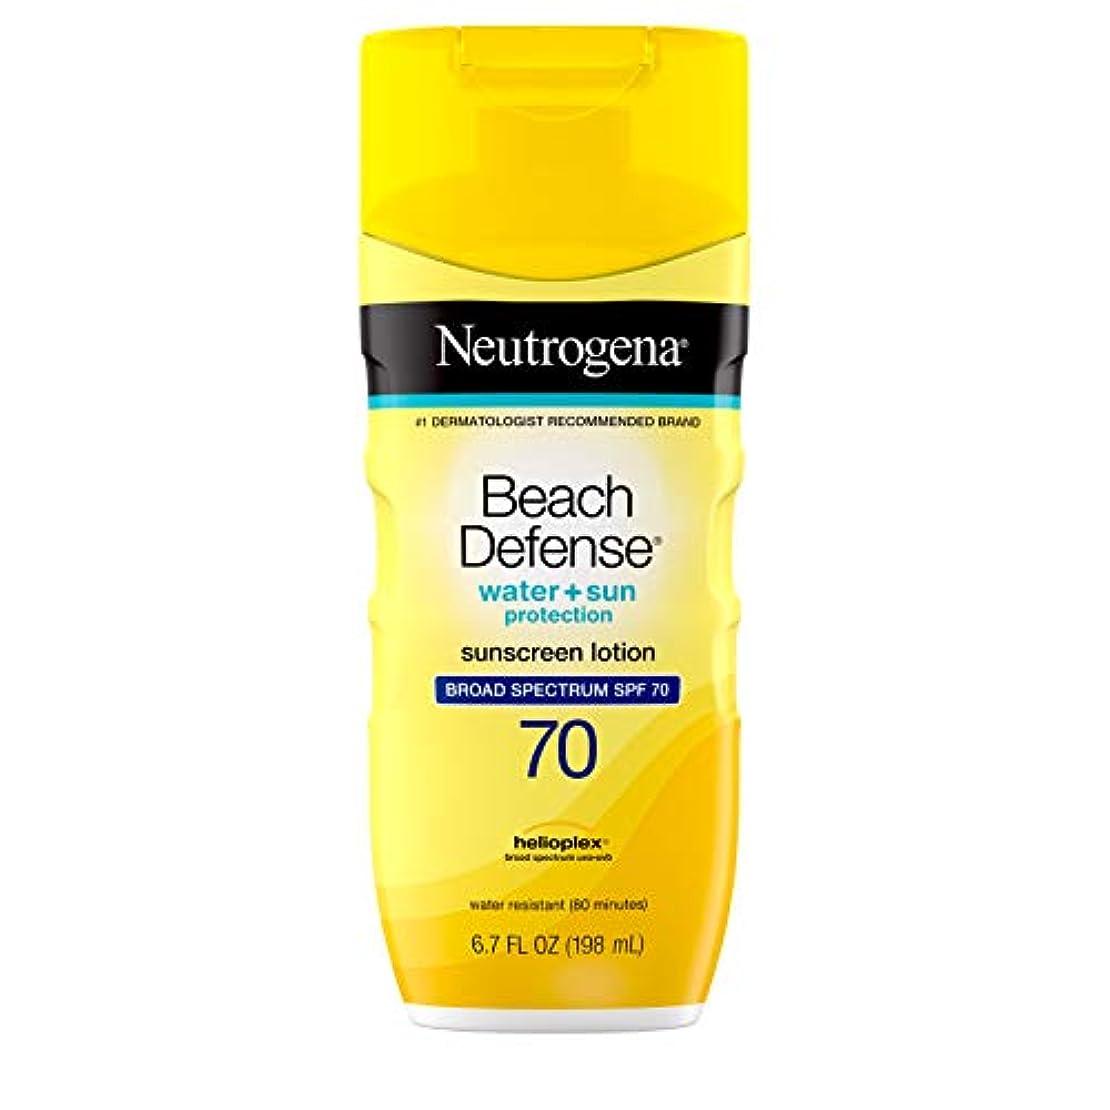 ためらう運賃方法海外直送品Neutrogena Neutrogena Beach Defense Lotion SPF 70, 6.7 oz